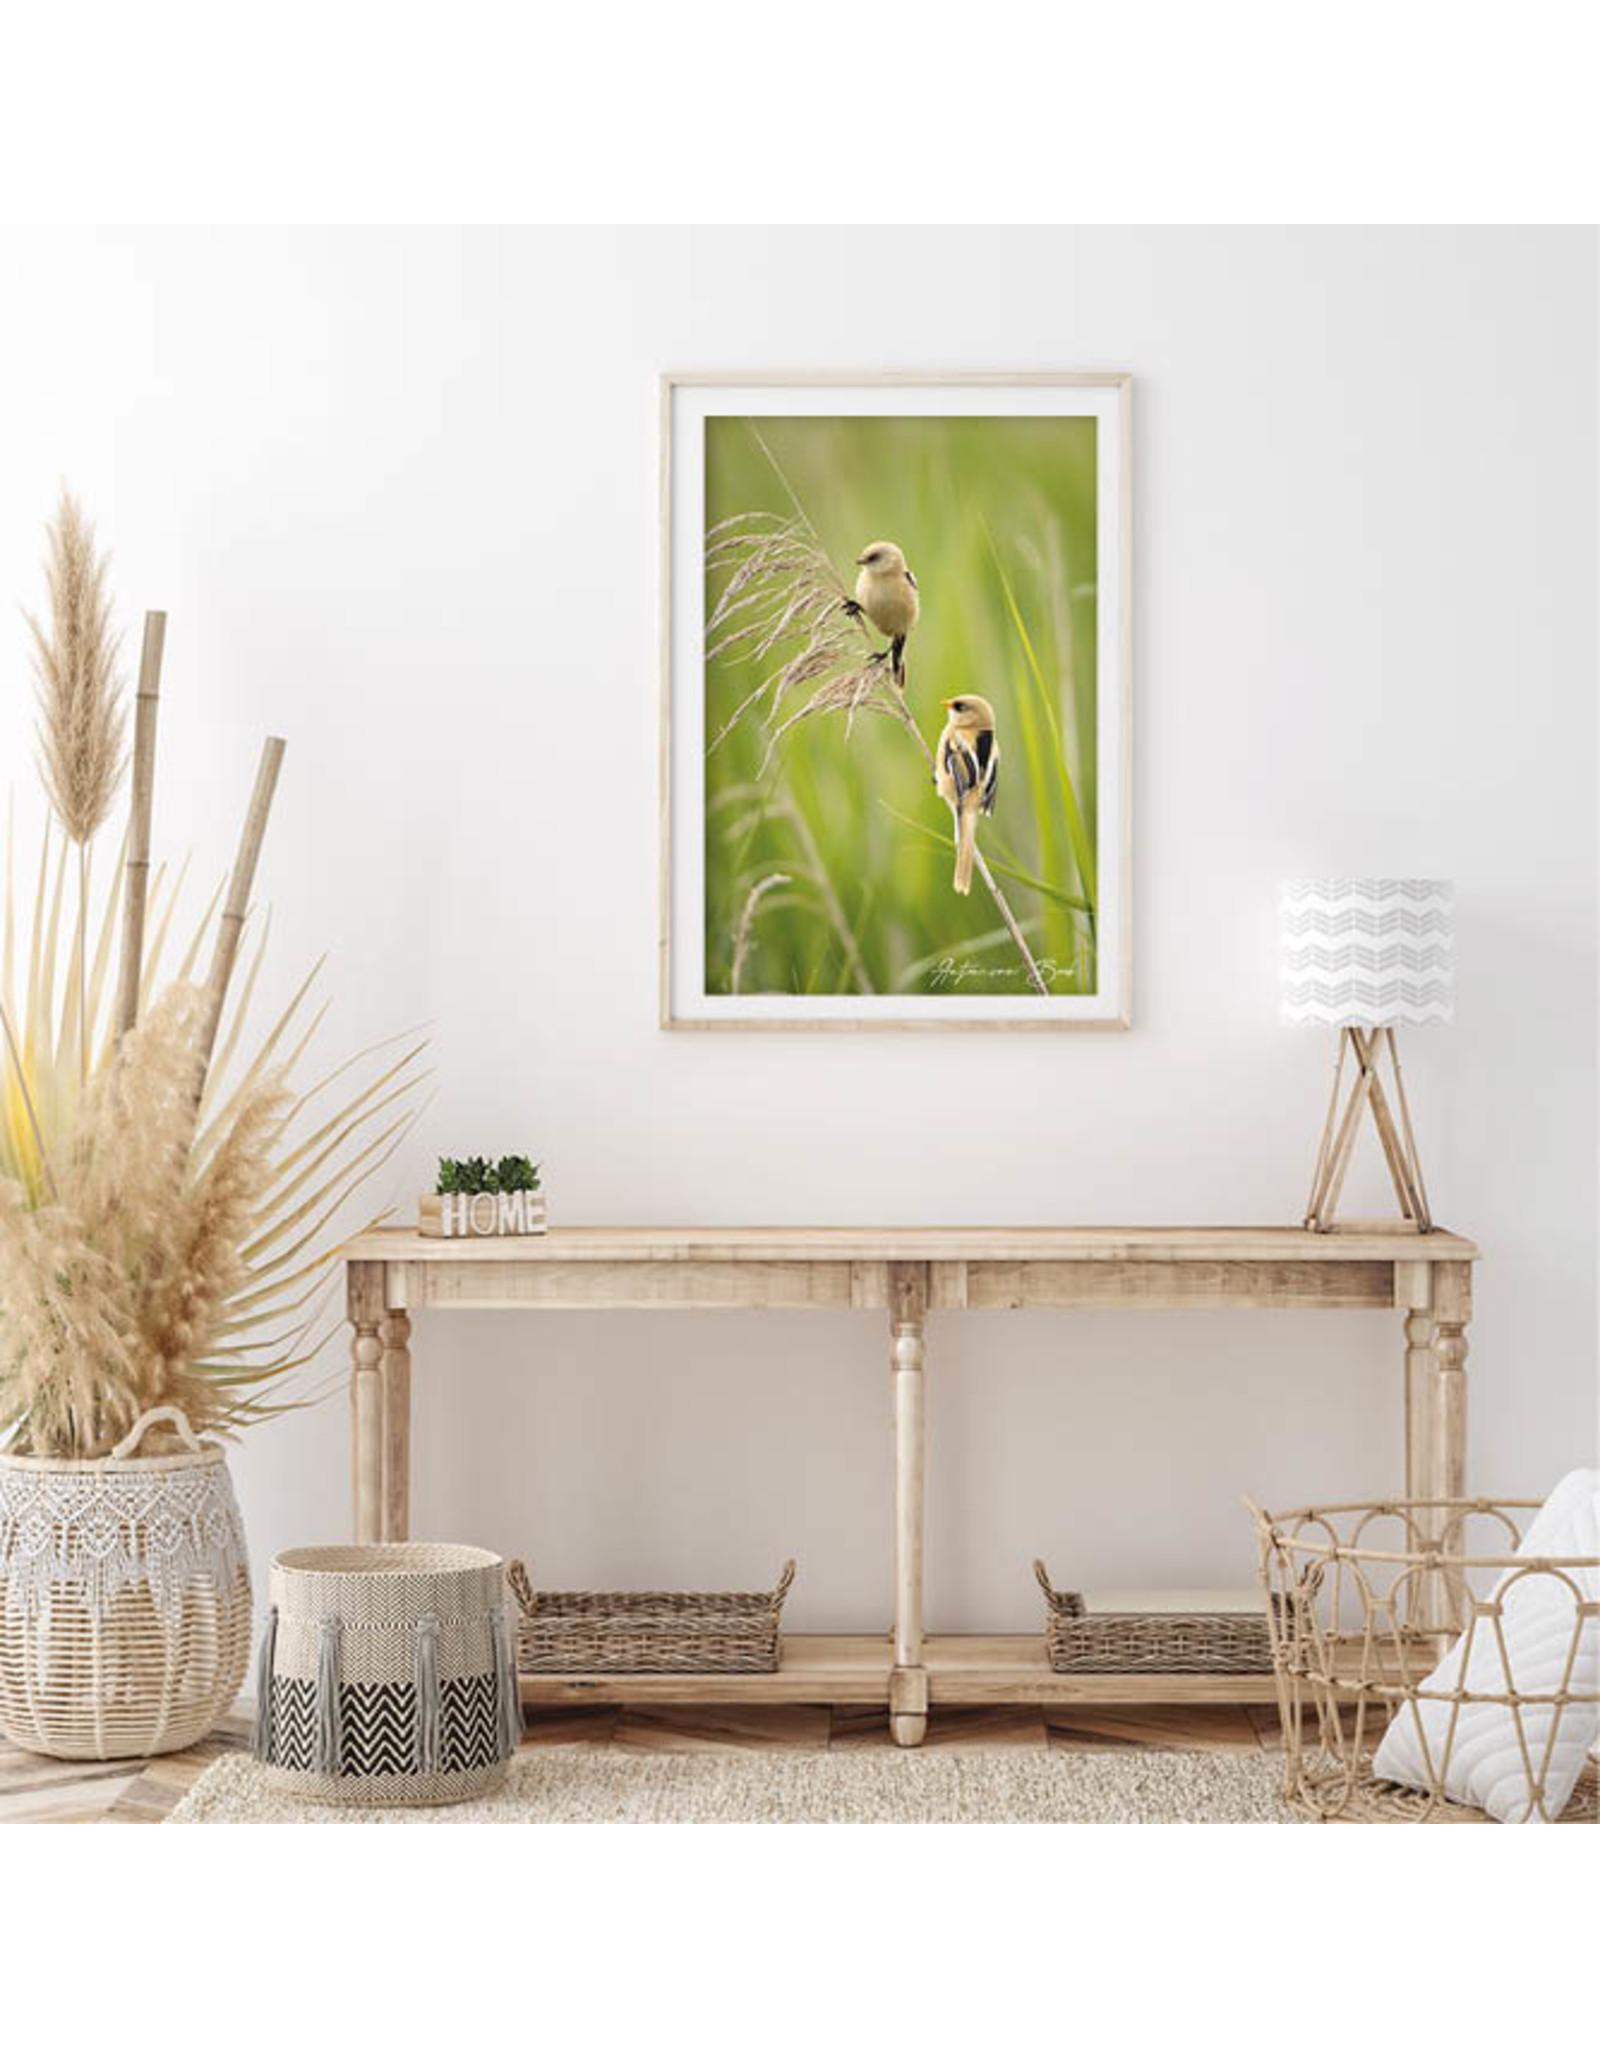 Dunnebier Home Poster Baardman - Anton van Beek Collectie